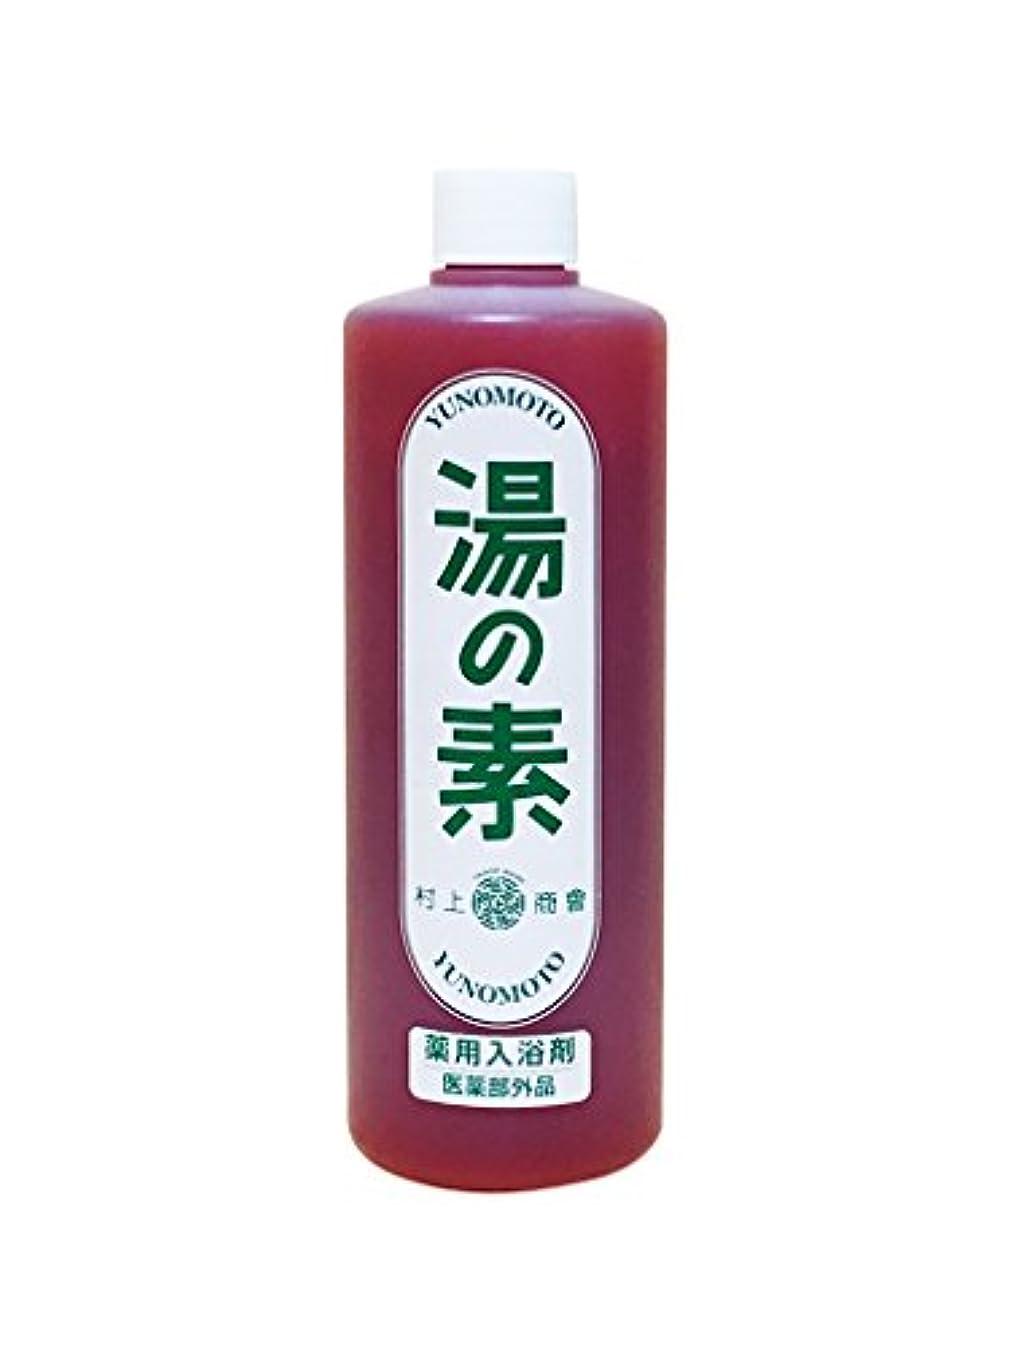 副サスティーン配偶者硫黄乳白色湯 湯の素 薬用入浴剤 (医薬部外品) 490g